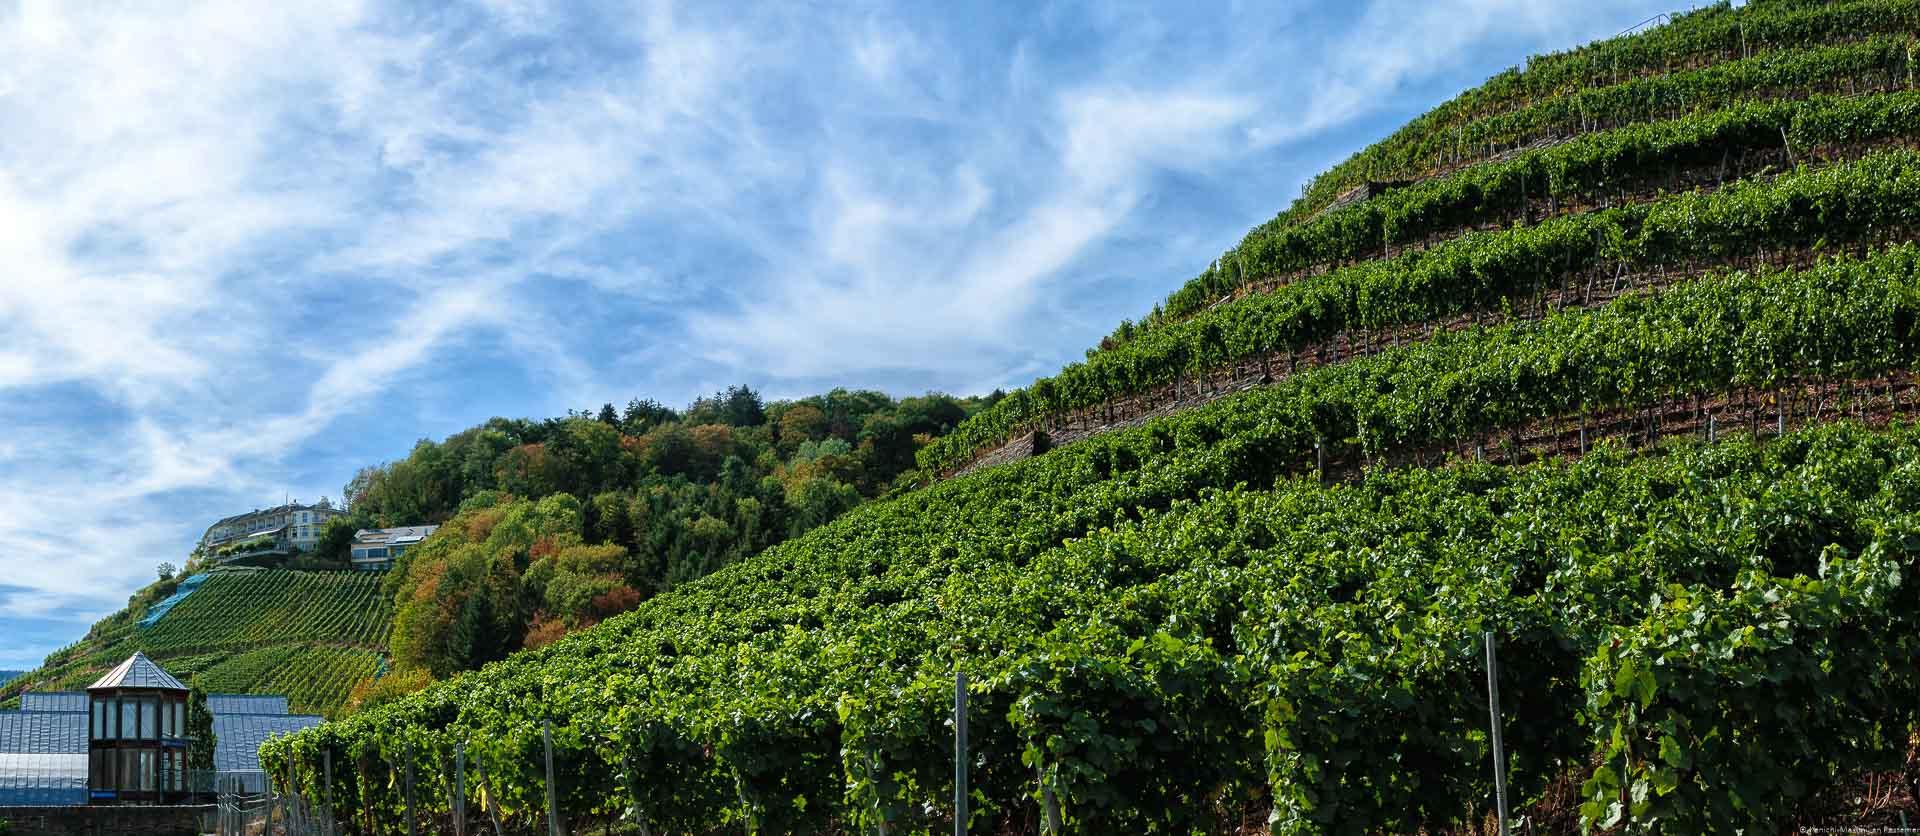 Der Weinberg Ahrweiler Silberberg ist auf der rechten Seite des Bildes. Auf der linken Seite erkennt man die Silberschmelze. Im Hintergrund ist der Weinberg Kräuterberg. Auf dem Hügel ist ein Haus und man erkennt Bäume. Am blauen Himmel sind Schlieren einiger weißer Wolken.